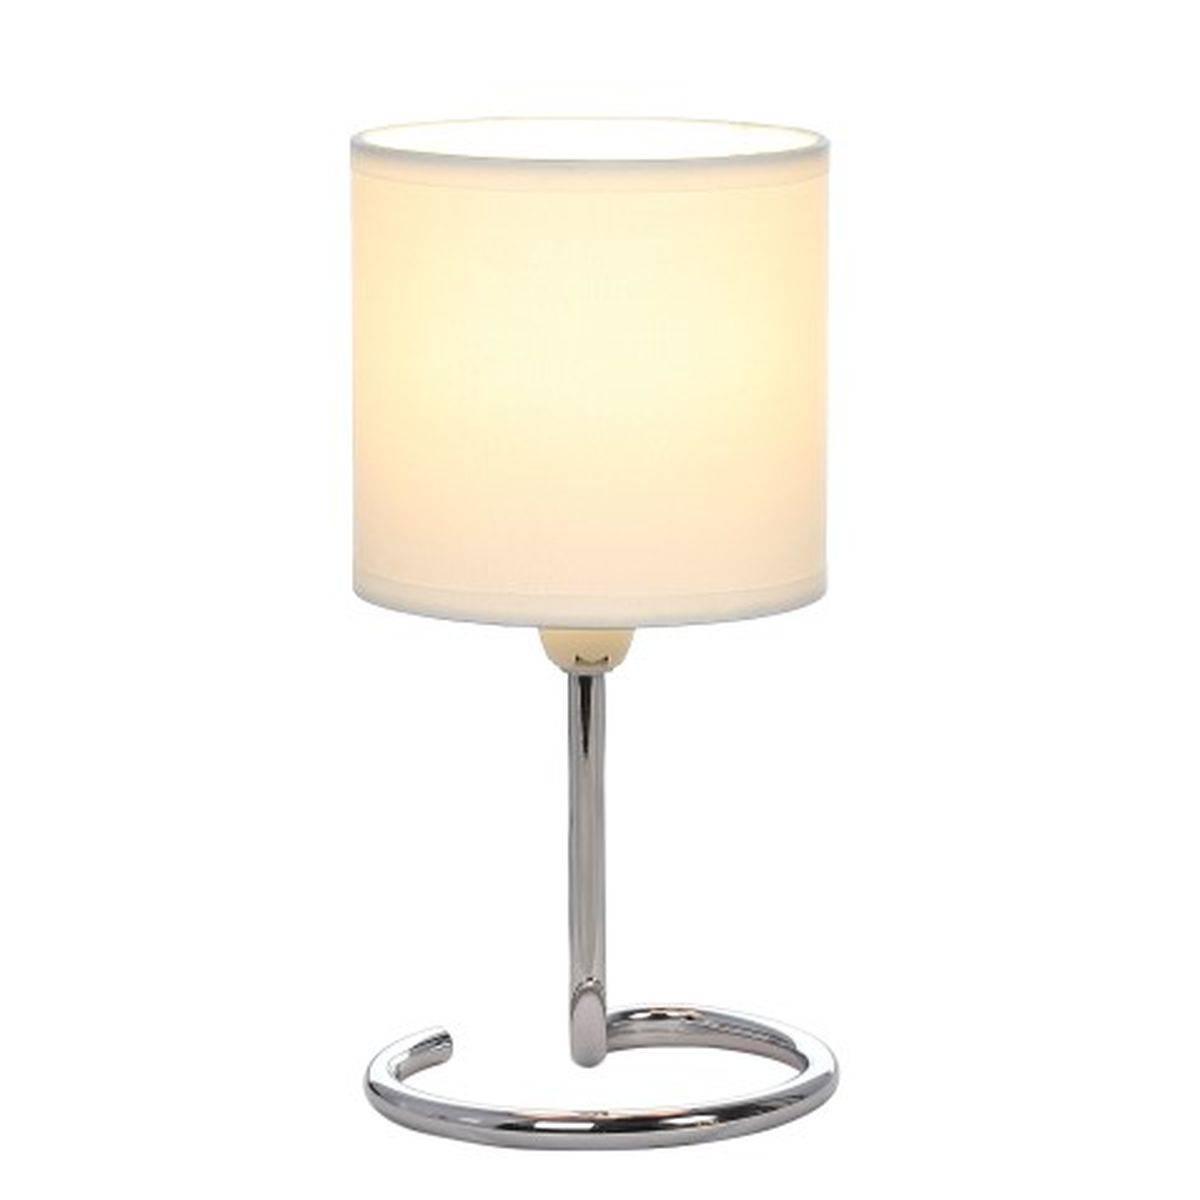 Настольная лампа Globo Elfi 24639B настольная лампа elfi 24639db globo 1181987